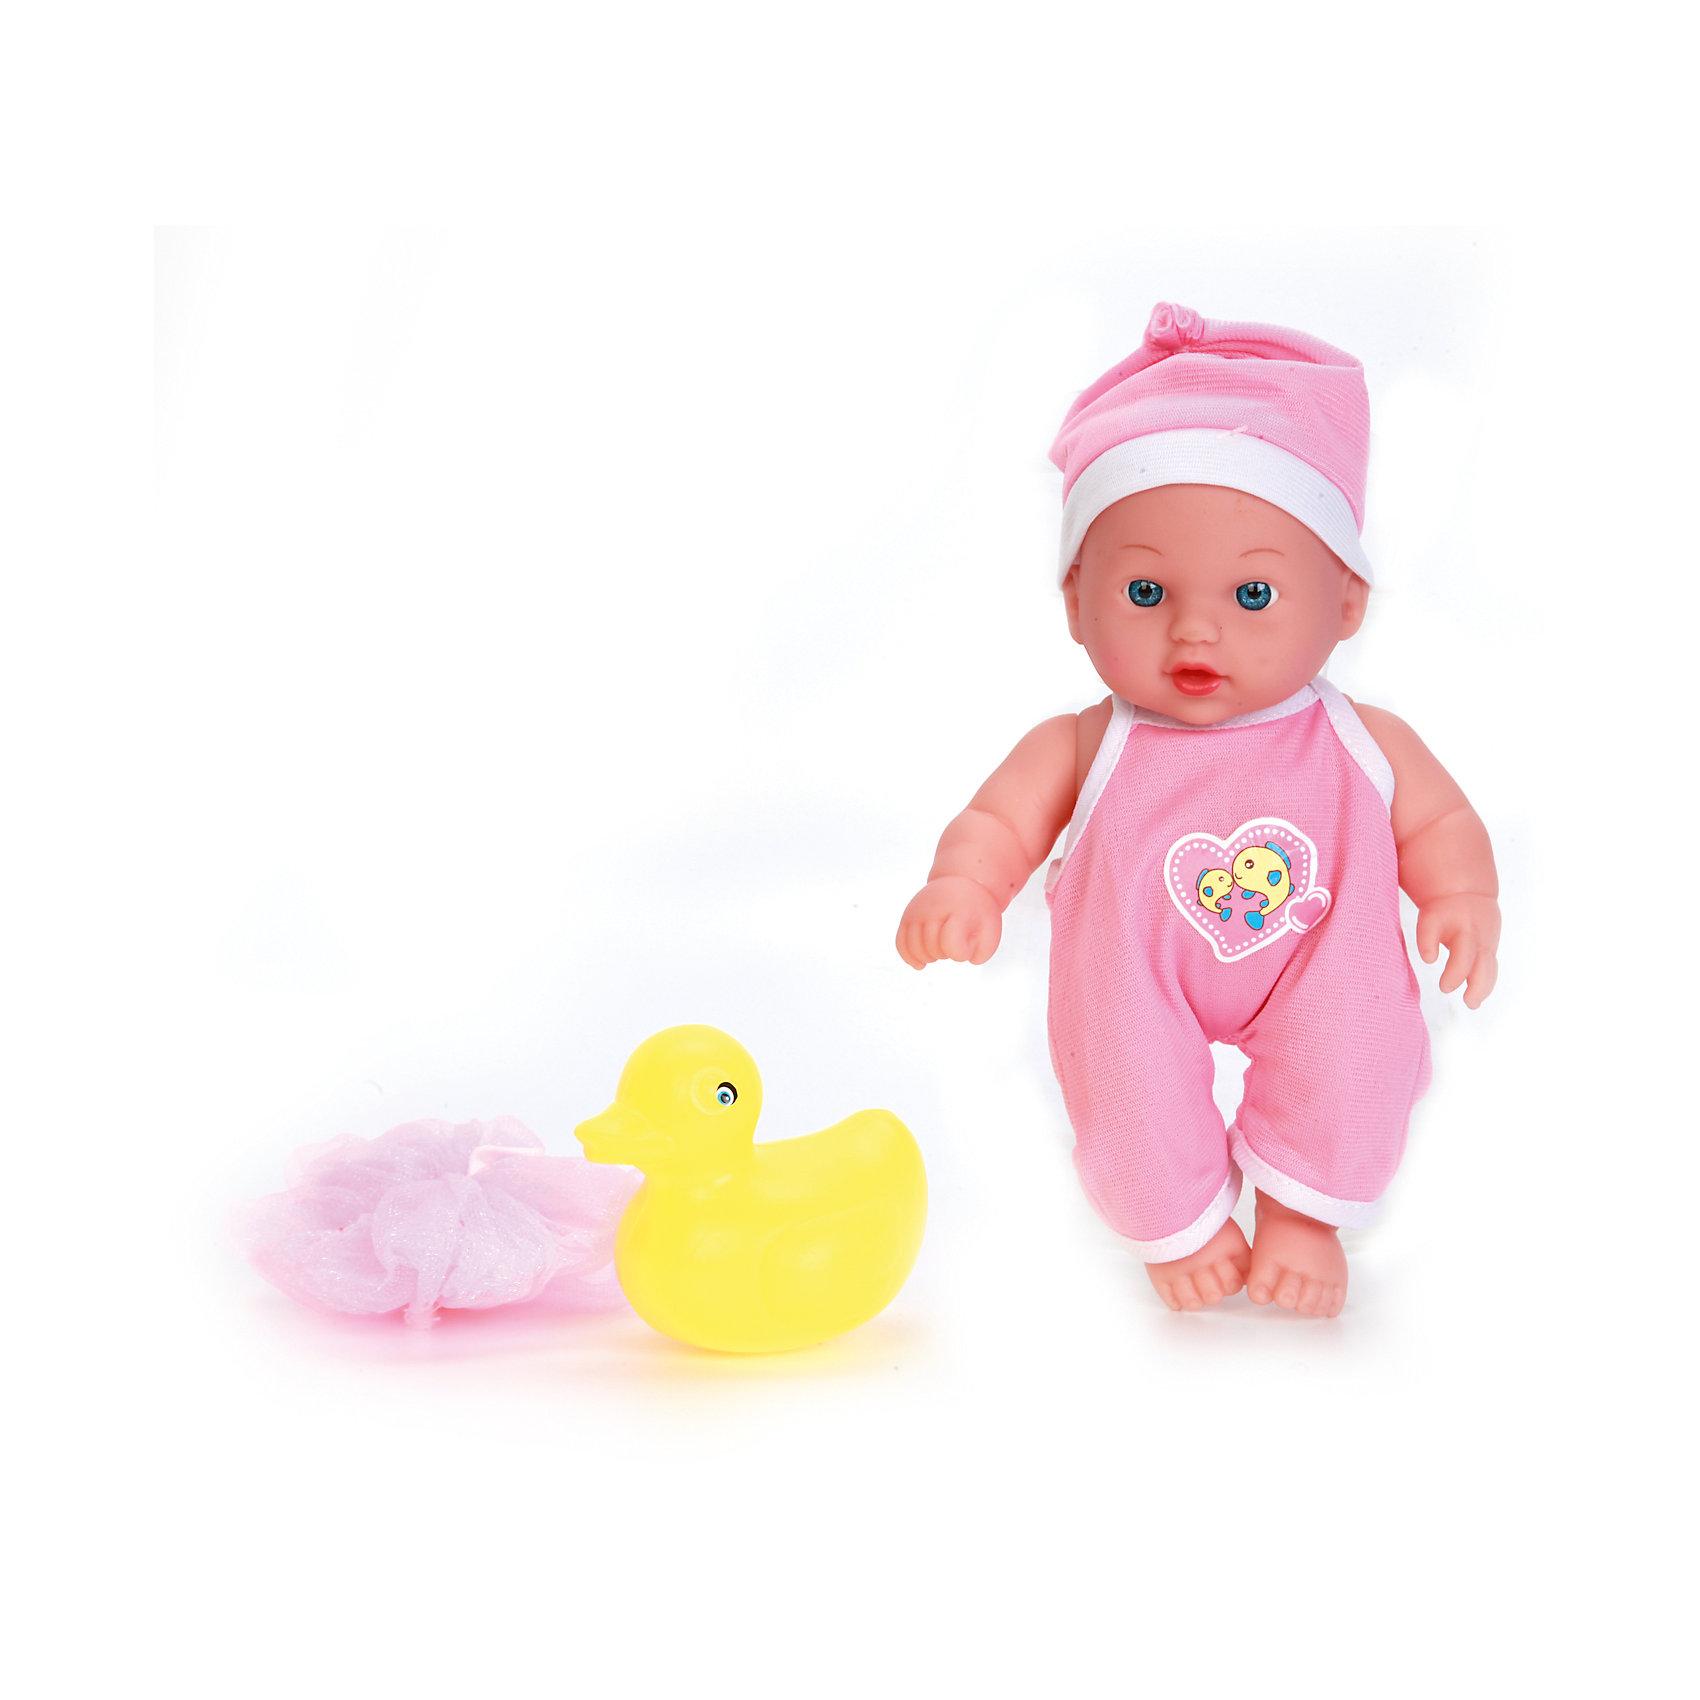 Пупс 20 см, с твердым телом, с ванночкой и аксессуарами, КарапузИнтерактивные куклы<br>Этот милый пупс очень похож на настоящего младенца. О нем таки и хочется позаботится. У него твердое тело, подвижные ручки и ножки. Пупс одет в костюмчик и шапочку. Его можно купать. В комплекте есть аксессуары для купания: ванночка, игрушка и мочалка.<br><br>Ширина мм: 91<br>Глубина мм: 98<br>Высота мм: 37<br>Вес г: 340<br>Возраст от месяцев: 36<br>Возраст до месяцев: 60<br>Пол: Женский<br>Возраст: Детский<br>SKU: 6863975